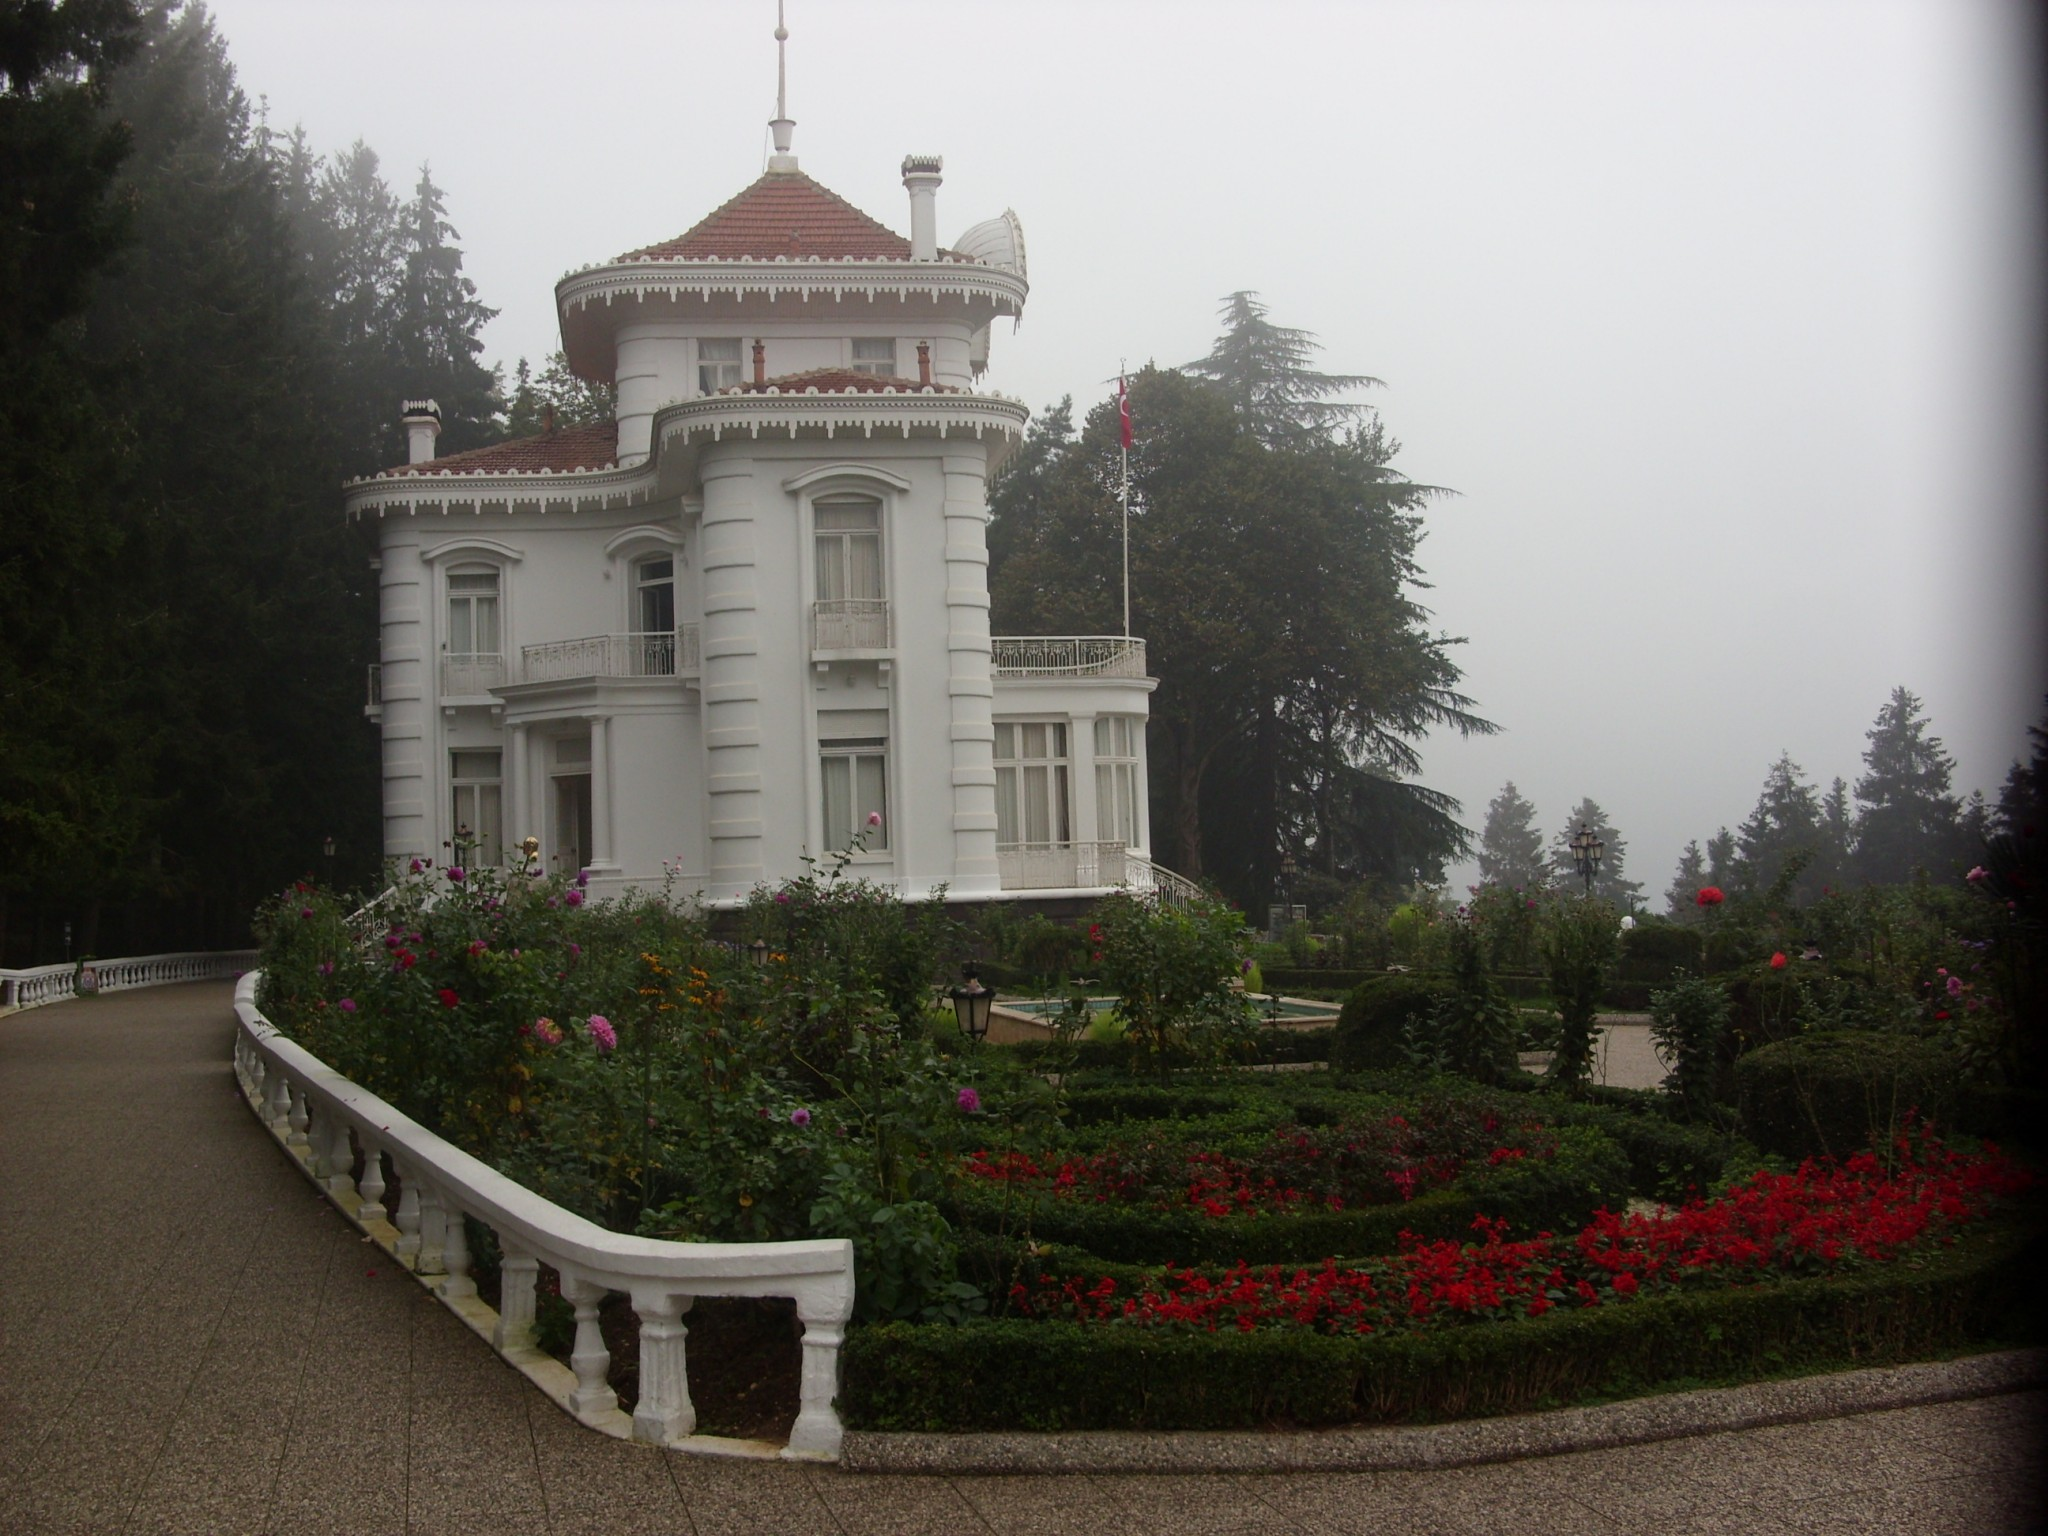 TRABZON_ATATÜRK_KÖŞKÜ_-_panoramio ویلای آتاتورک ترابزون